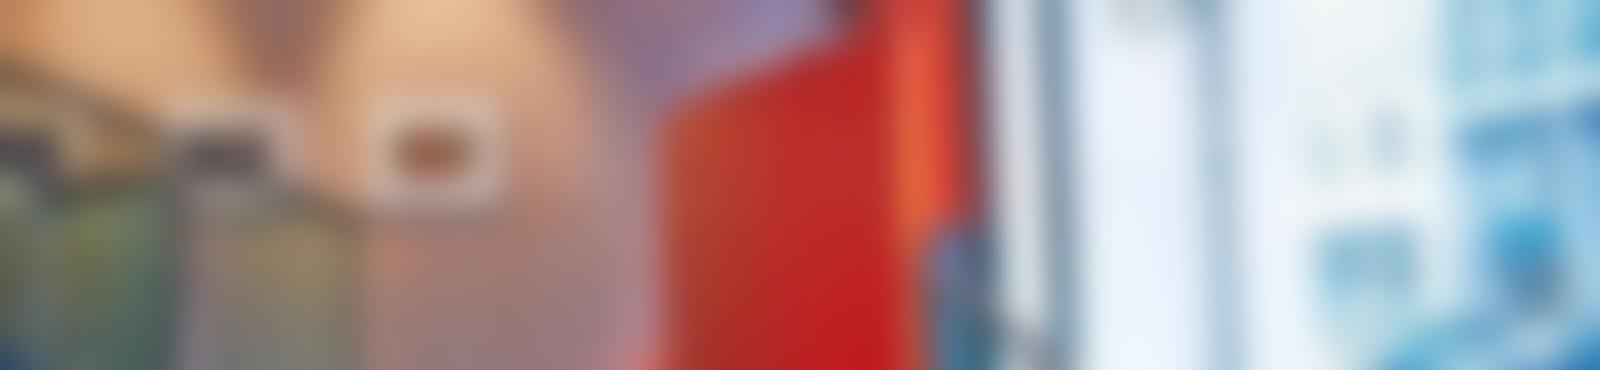 Blurred 06ff70fb 6403 4712 9793 24aff6dceff4